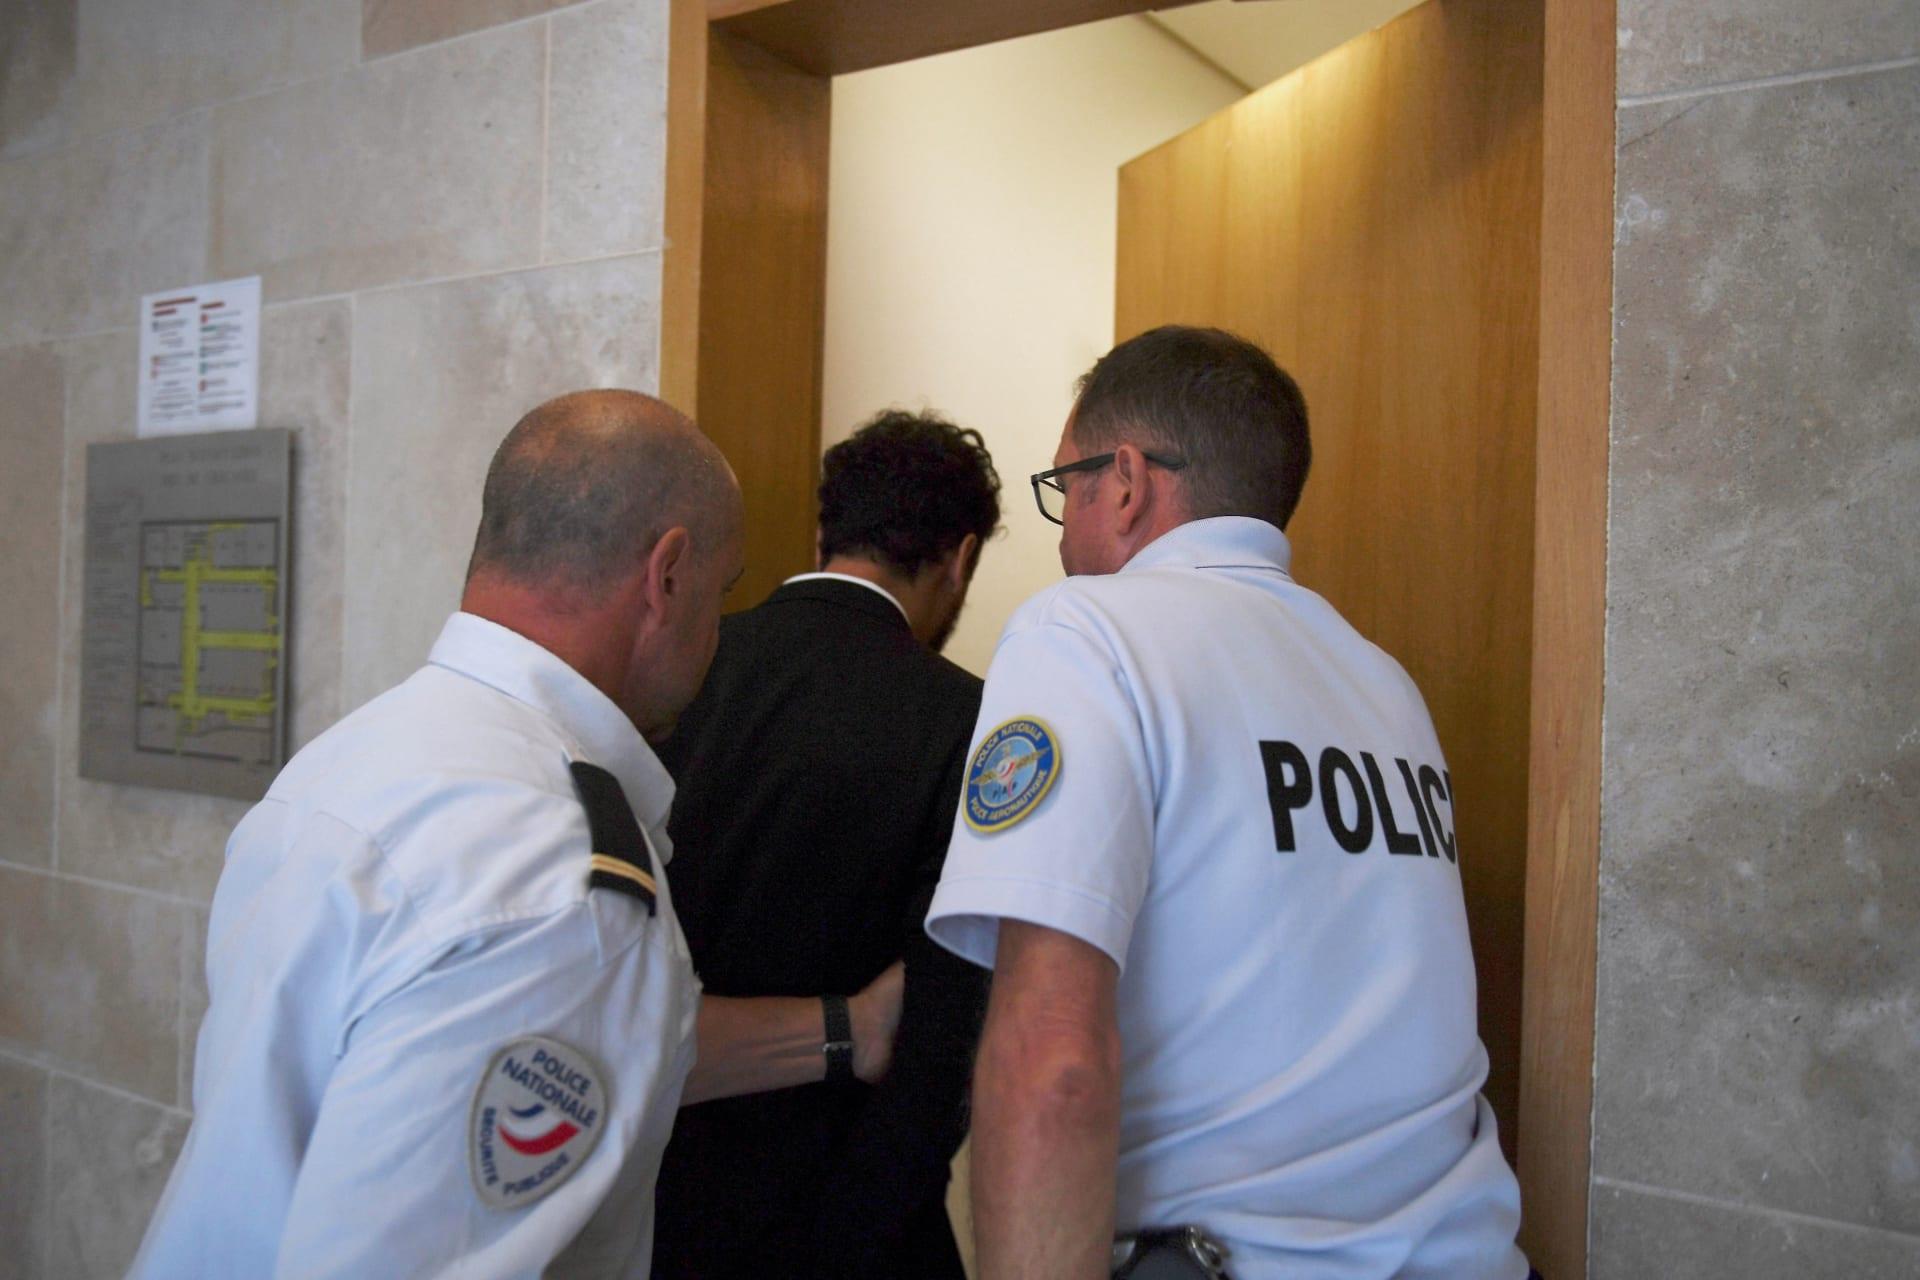 إحالة سعد لمجرد إلى المحاكمة الجنائية بتهمة اغتصاب فتاة فرنسية